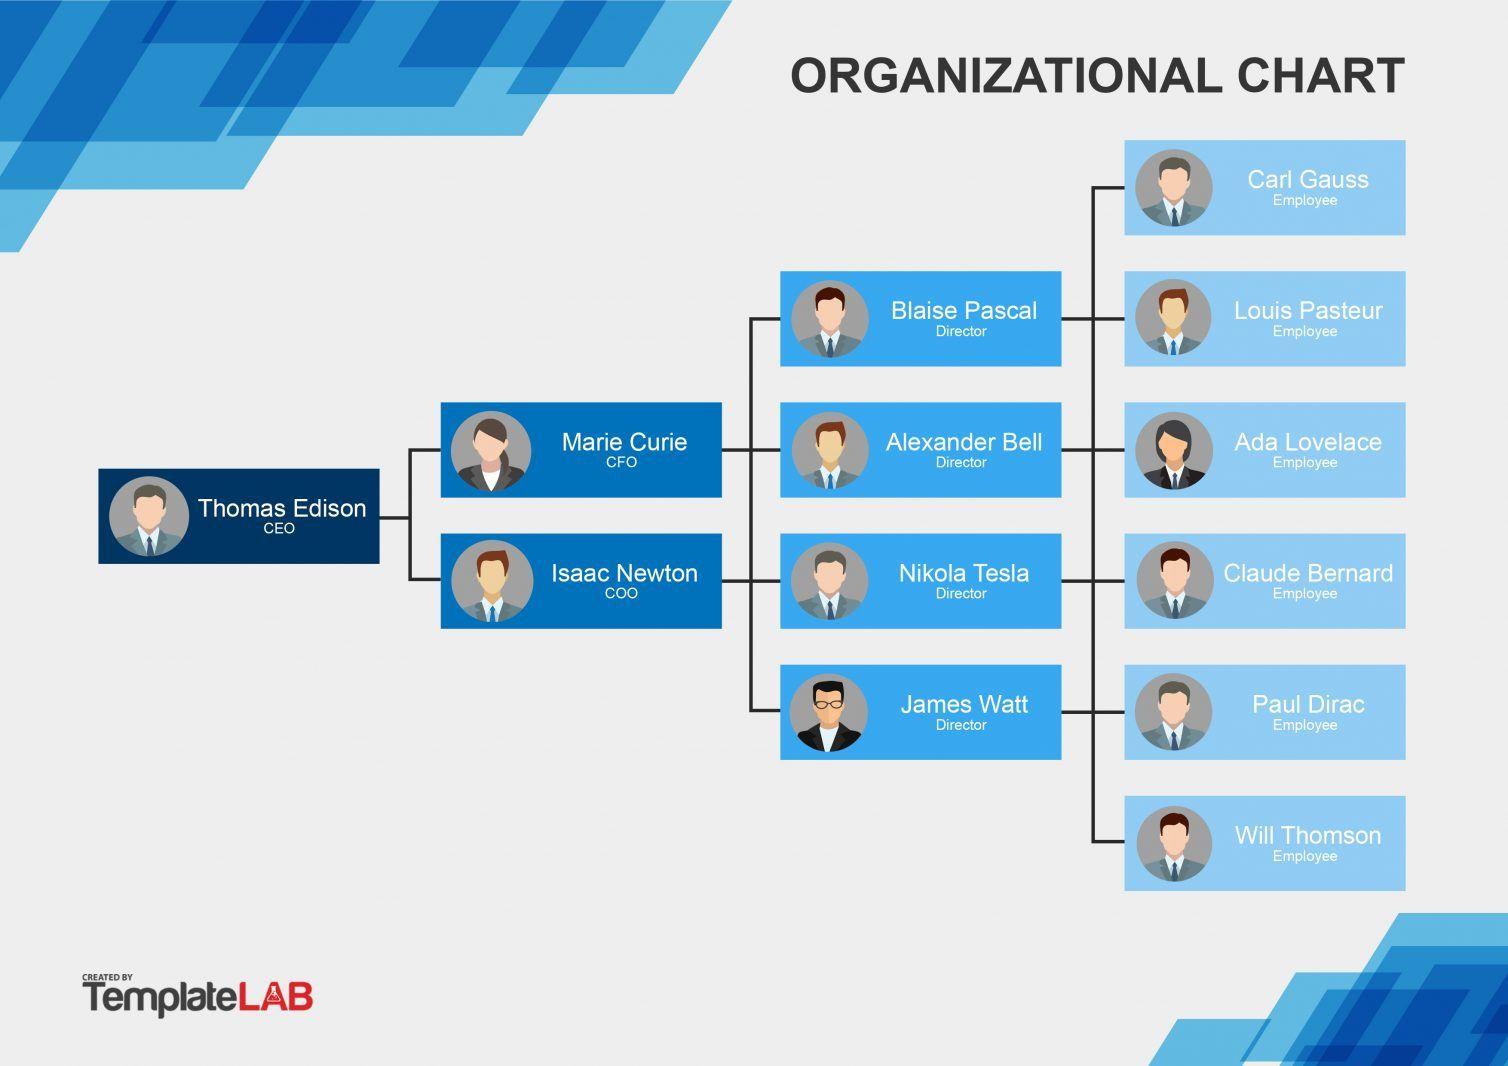 007 Beautiful Organization Chart Template Word 2013 Image  Organizational Free MicrosoftFull